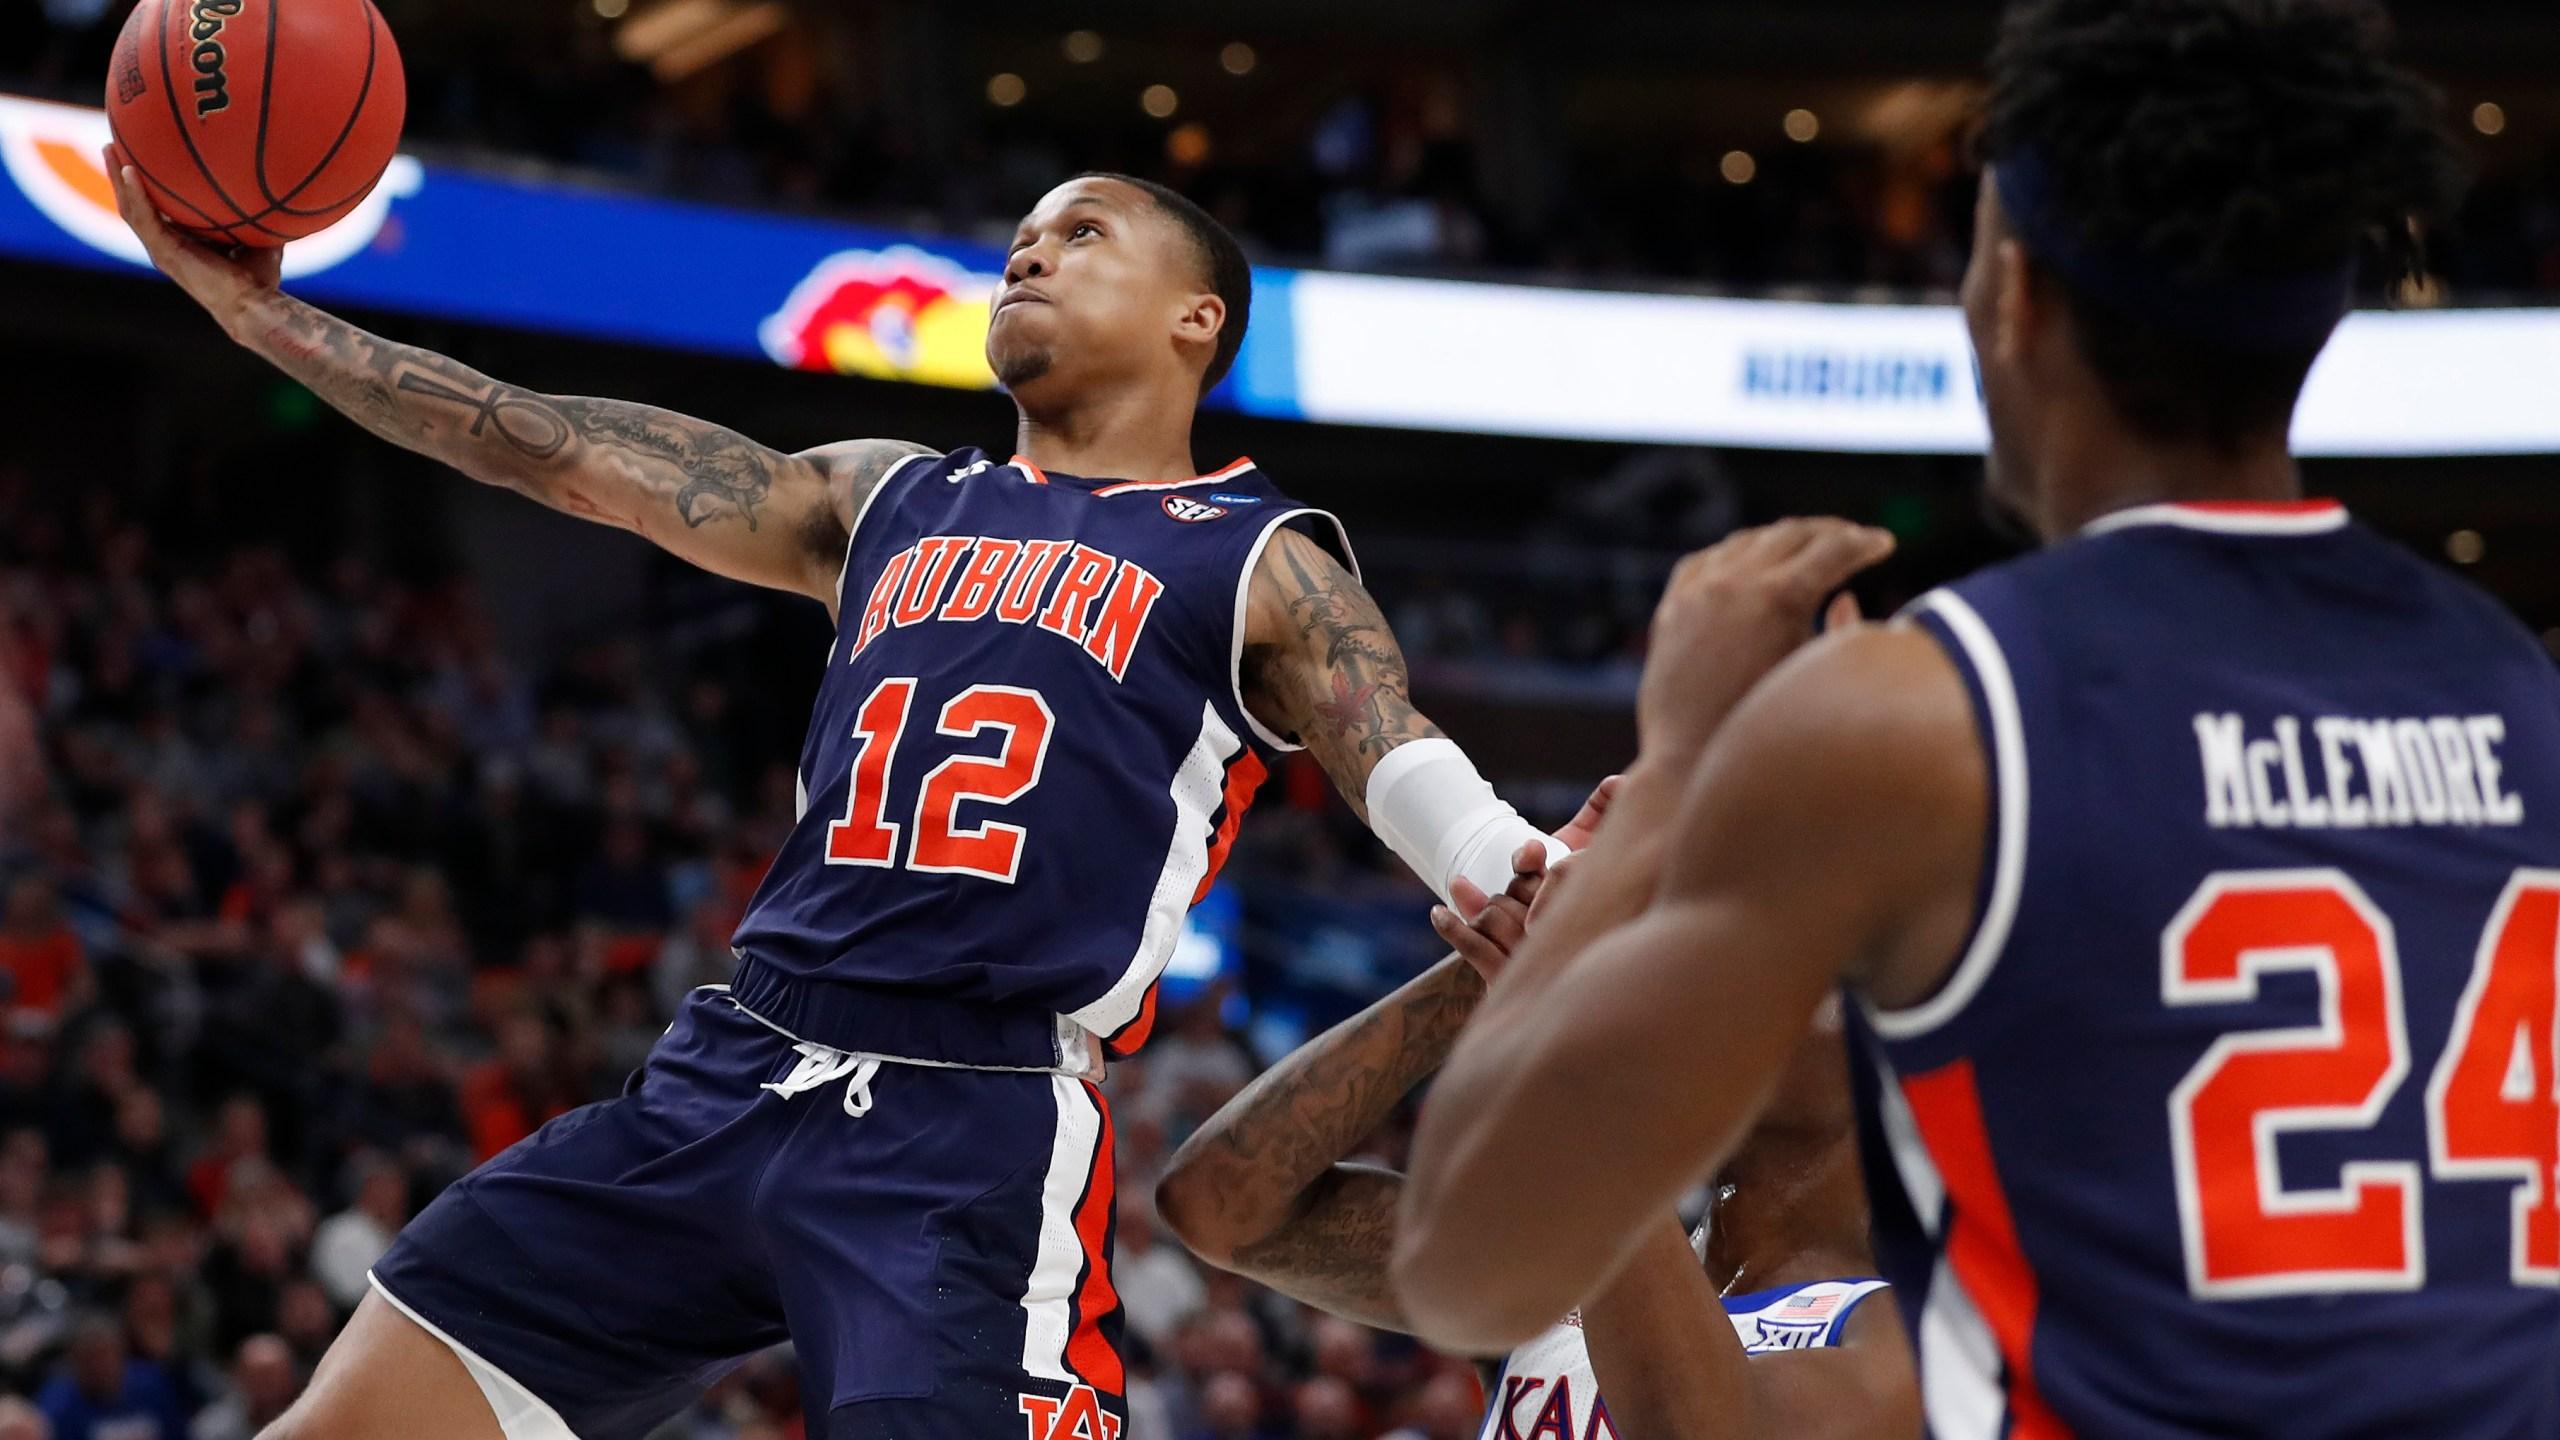 NCAA Auburn Kansas Basketball_1553402060600